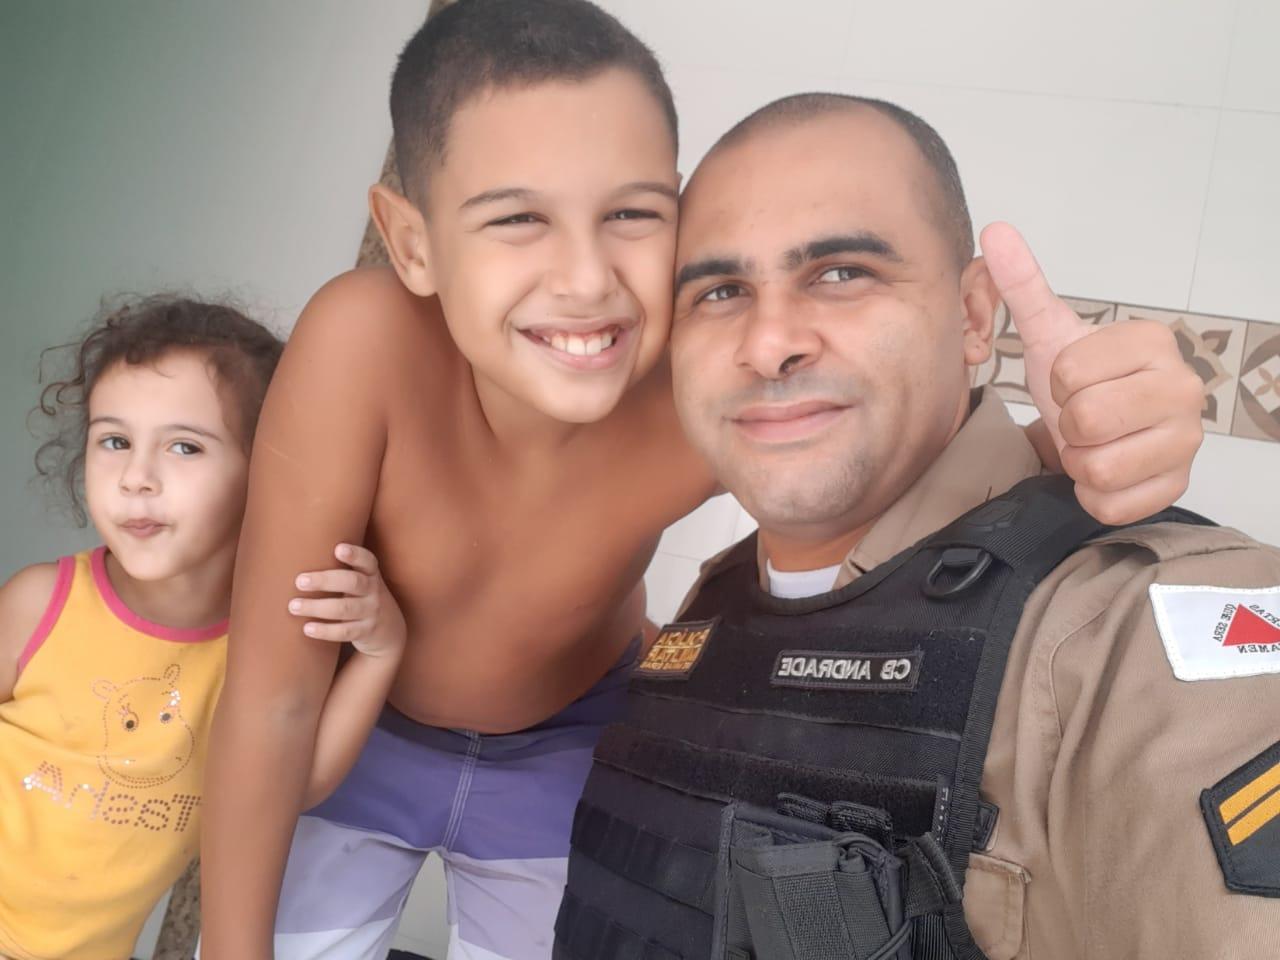 História na Zona da Mata viralizou: pai explica porque não podia ir ao aniversário do filho